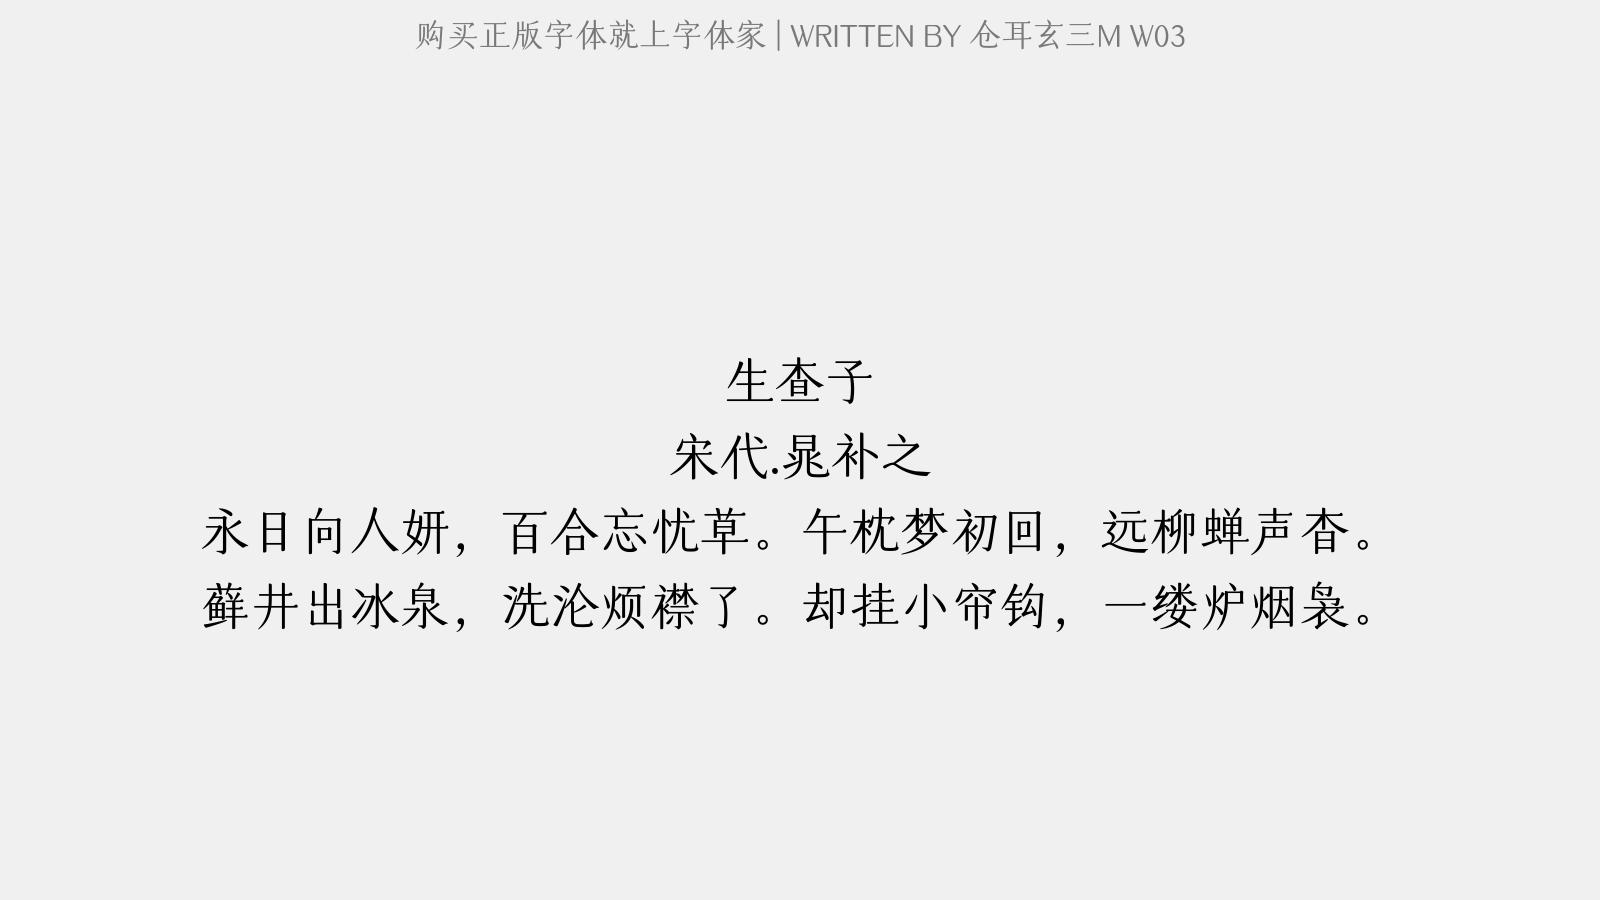 倉耳玄三M W03 - 生查子(同前夏日即事)